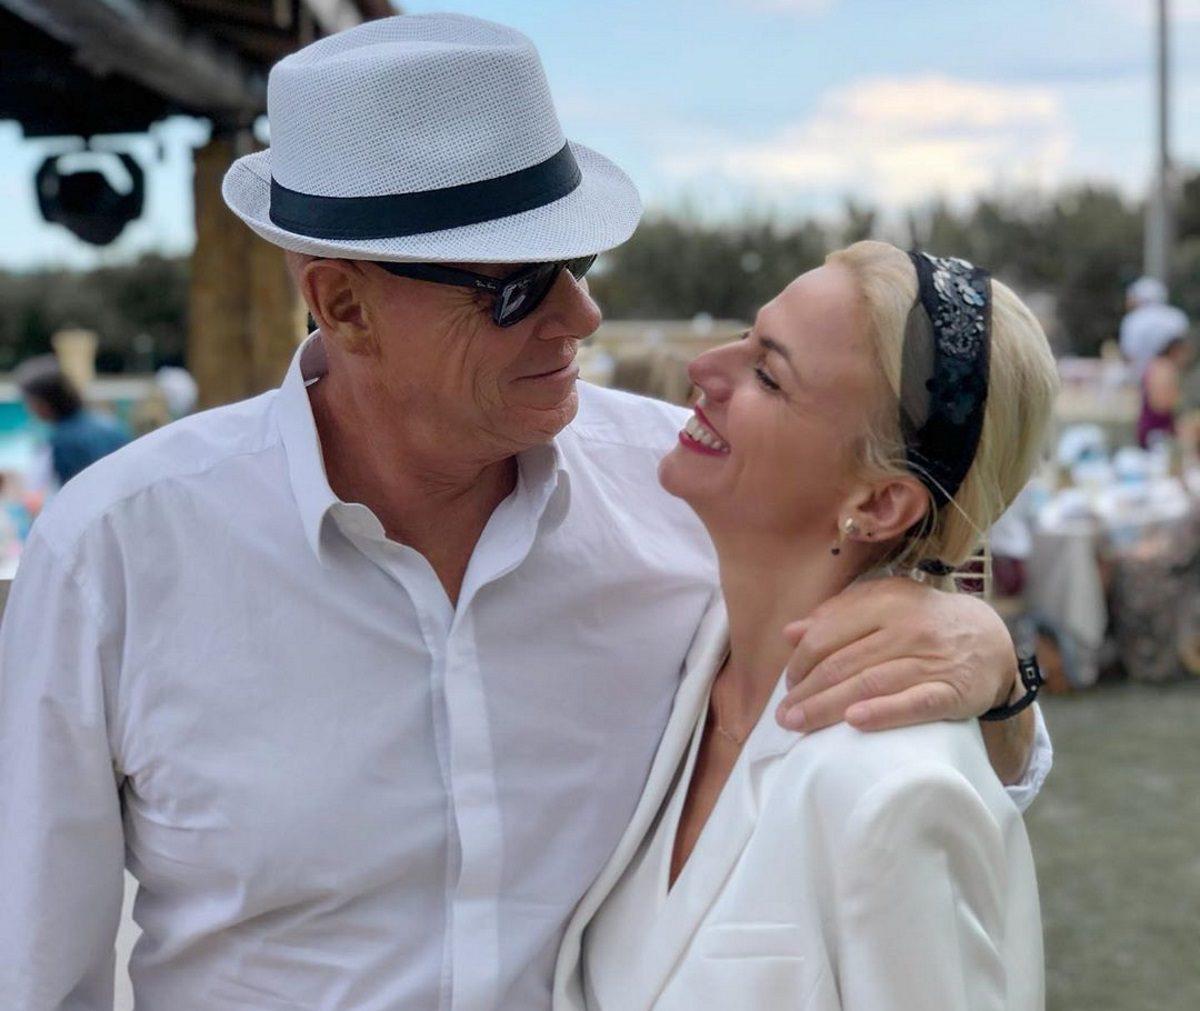 Χριστίνα Κοντοβά: Εξόρμηση στον αγαπημένο της προορισμό με τον Τζώνη Καλημέρη! [pics] | tlife.gr